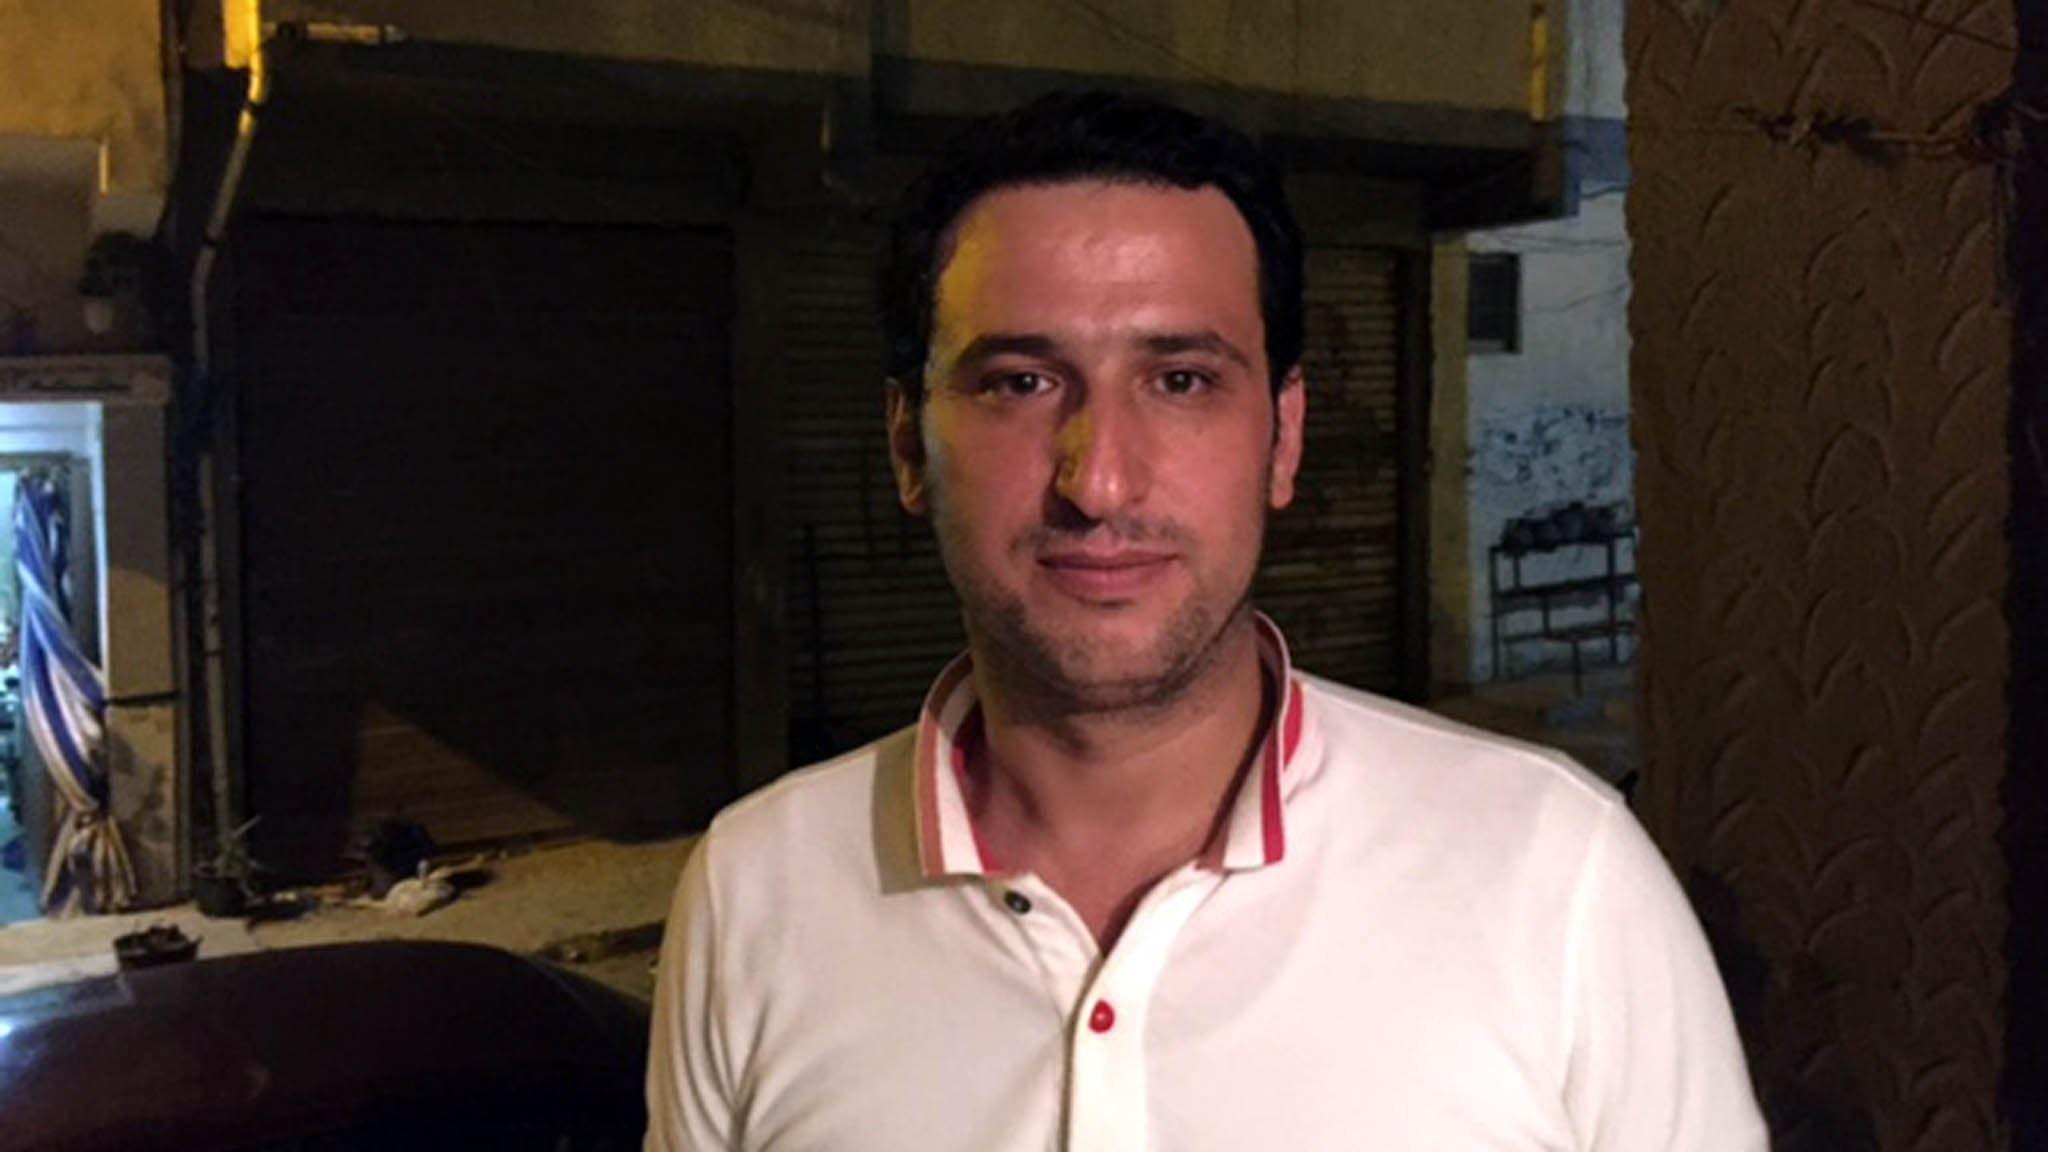 Alexandria: Nu är det Balkan highway som gäller